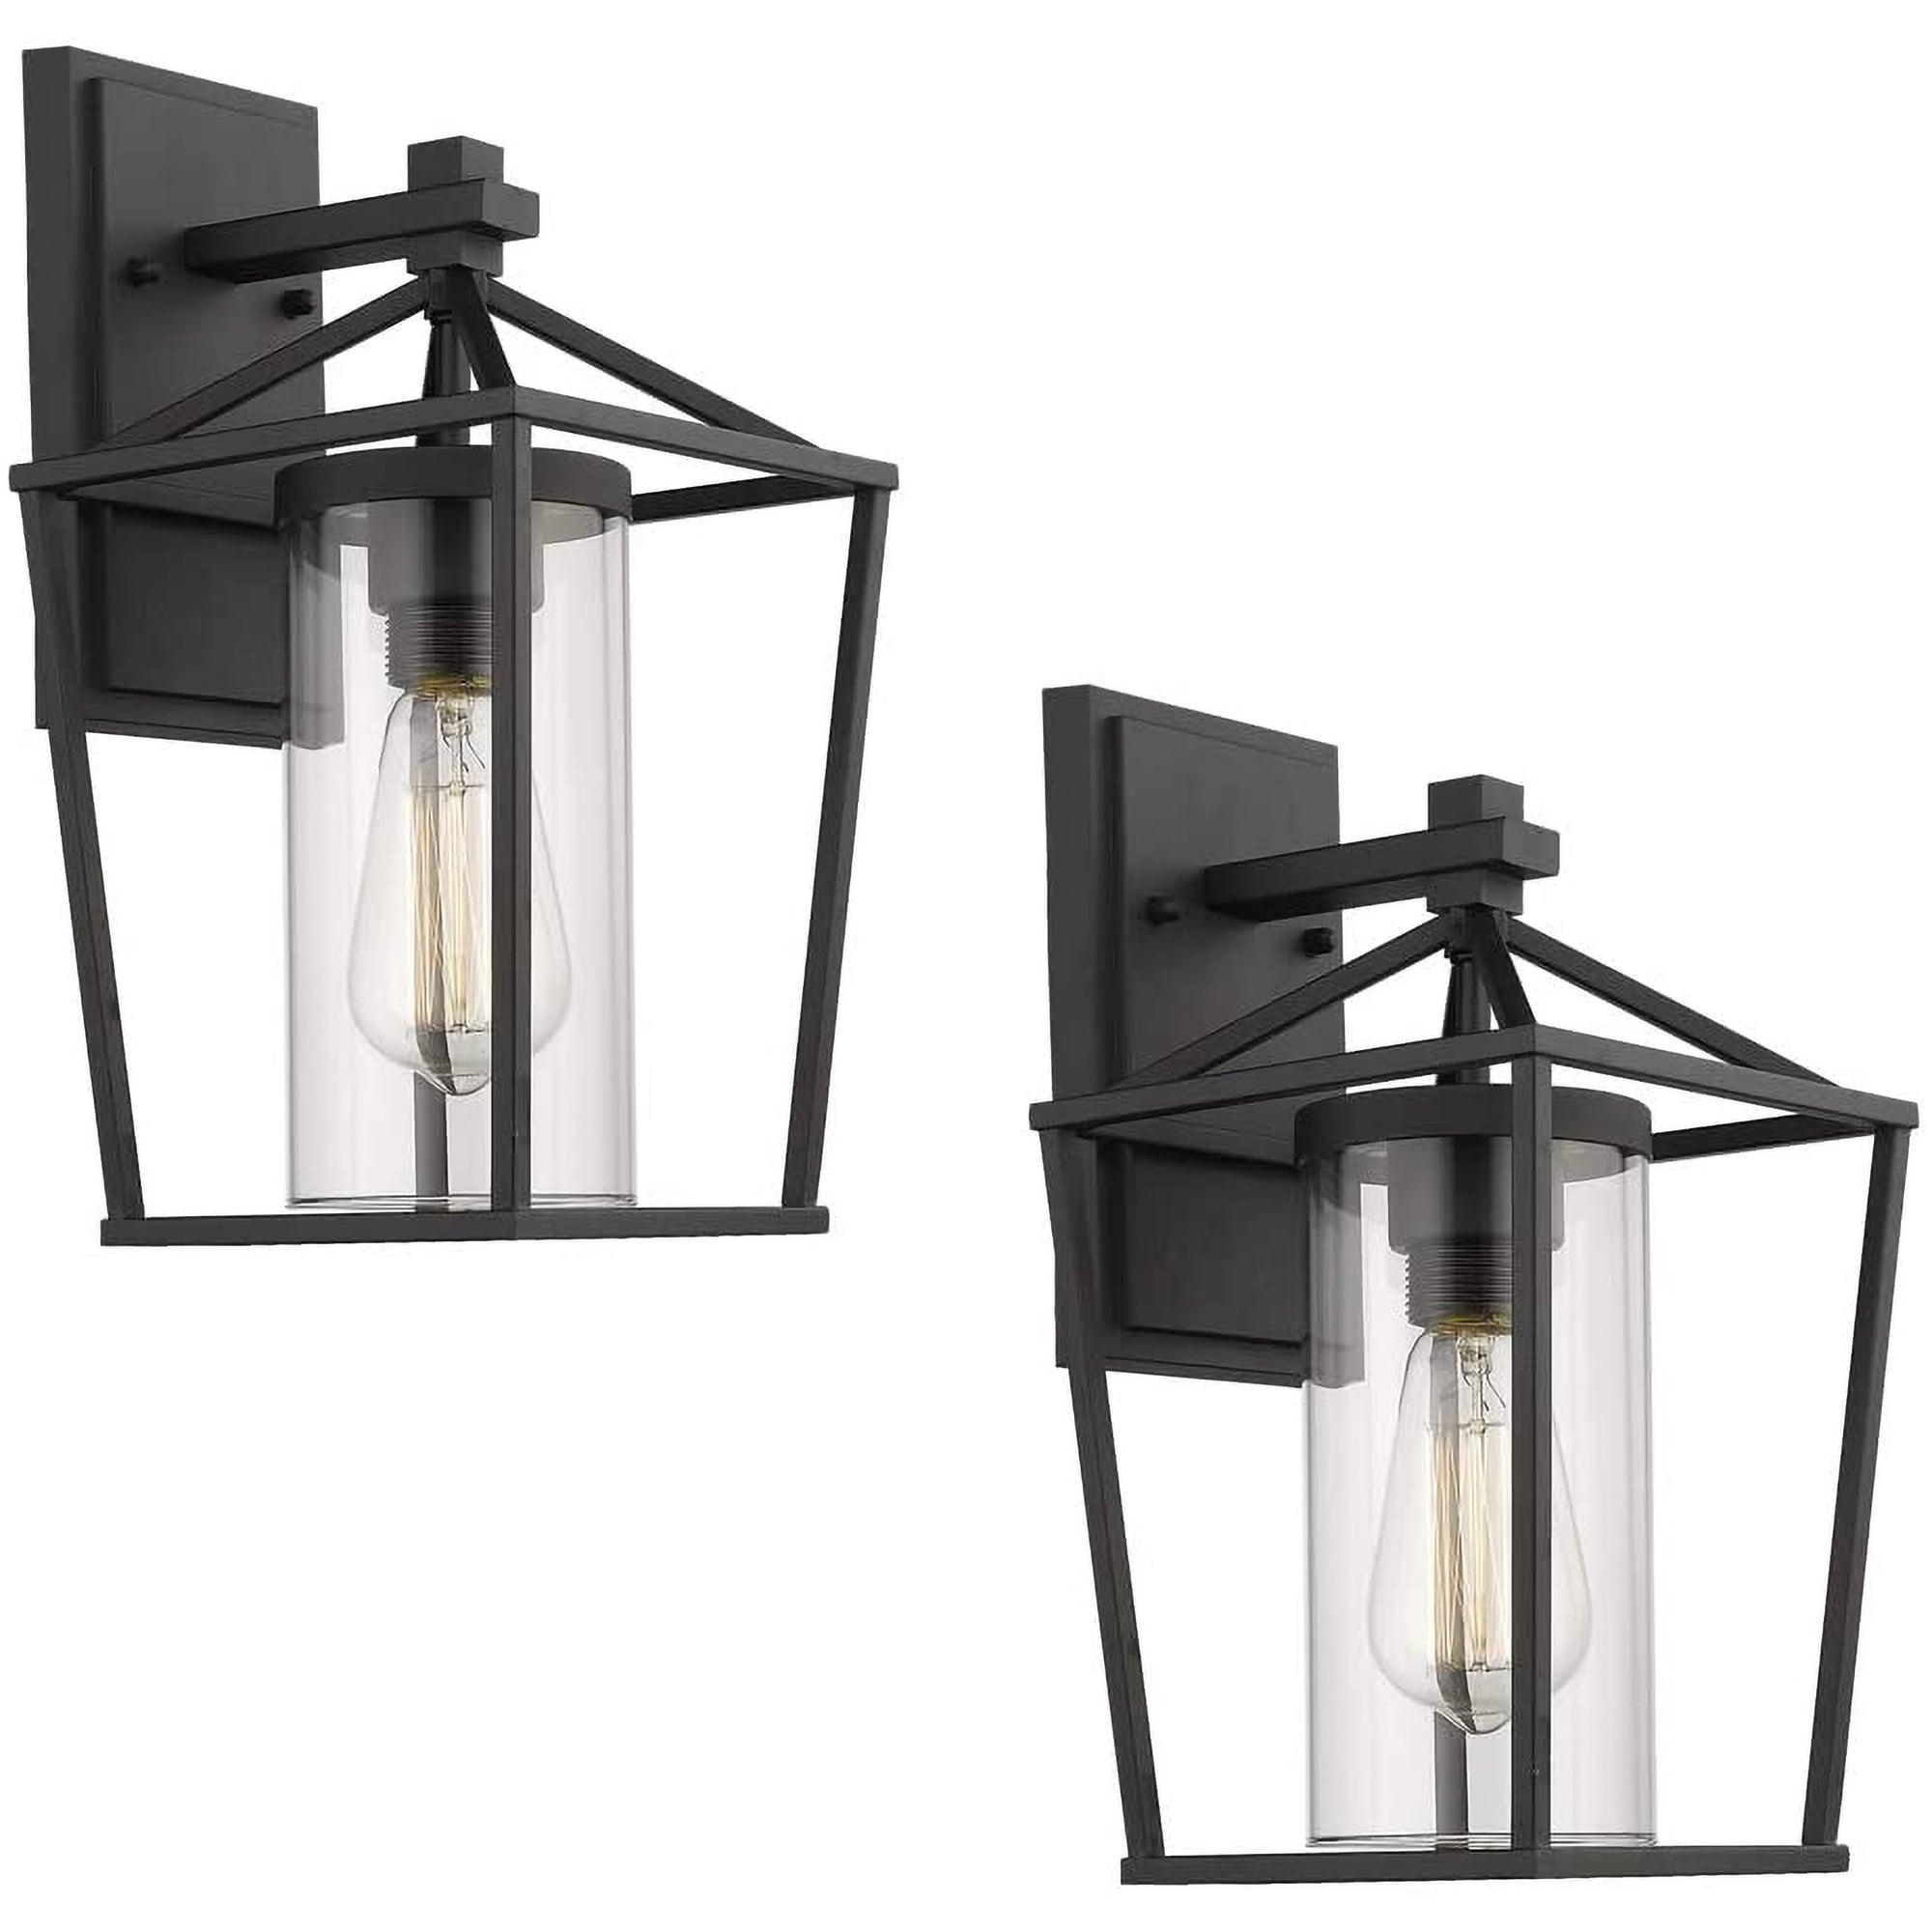 Emliviar Indoor Outdoor Sconce 2 Pack With Clear Seeded Glass Indoor Outdoor Wall Light Overstock 31796190